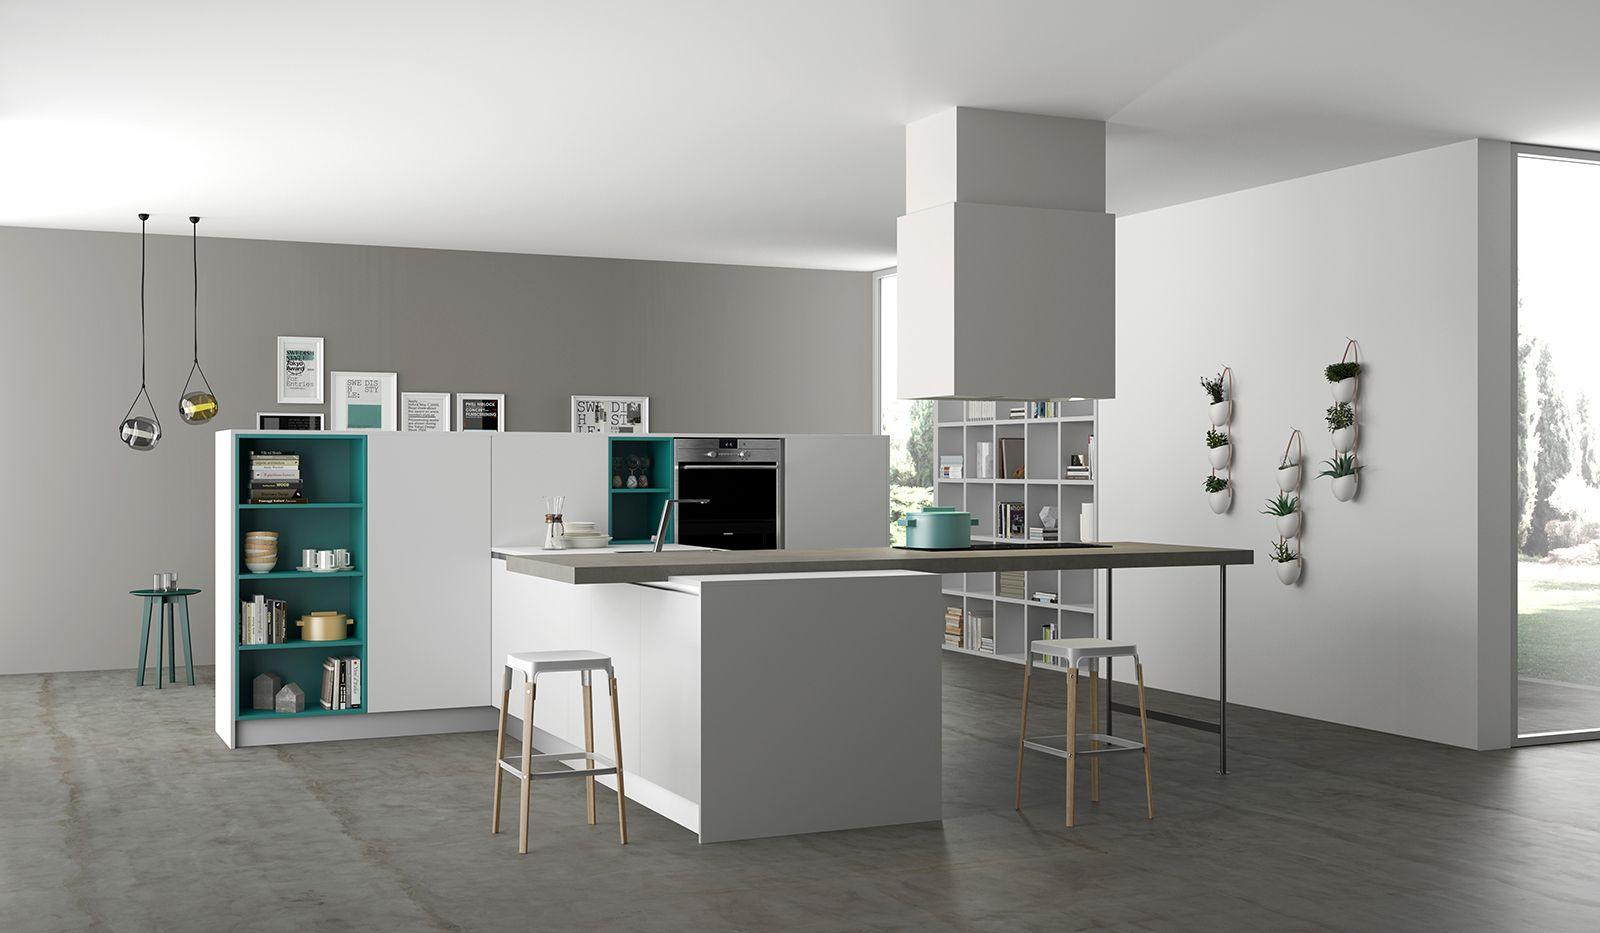 Cucine: funzionalità al primo prezzo | Kitchen | Kitchen ...